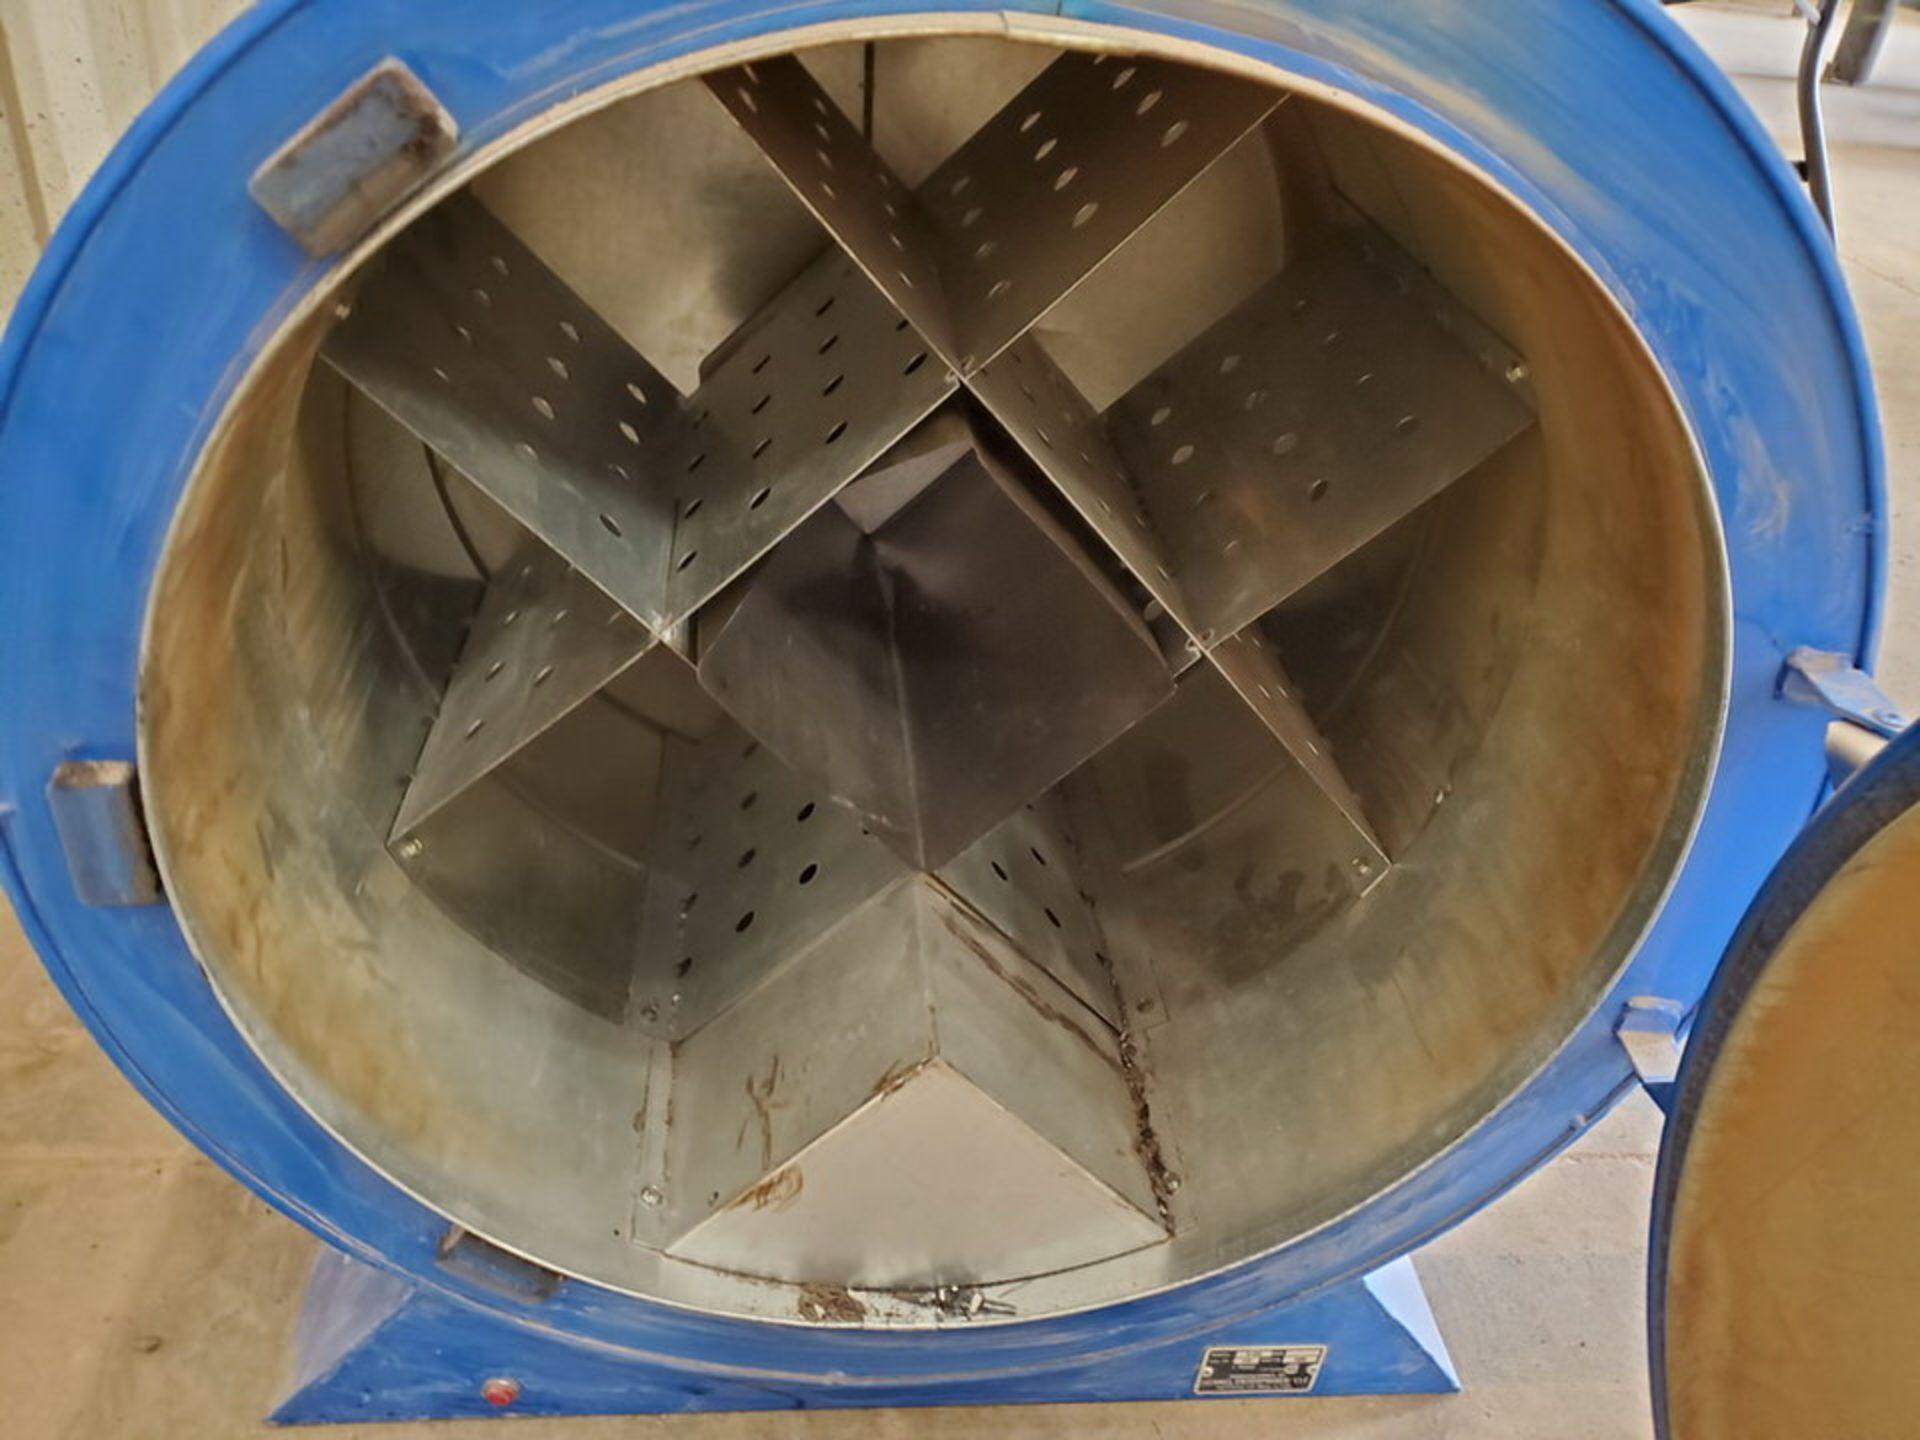 Henkel K-450 Dry Rod Oven 120V, 1,000W, 1PH - Image 4 of 5